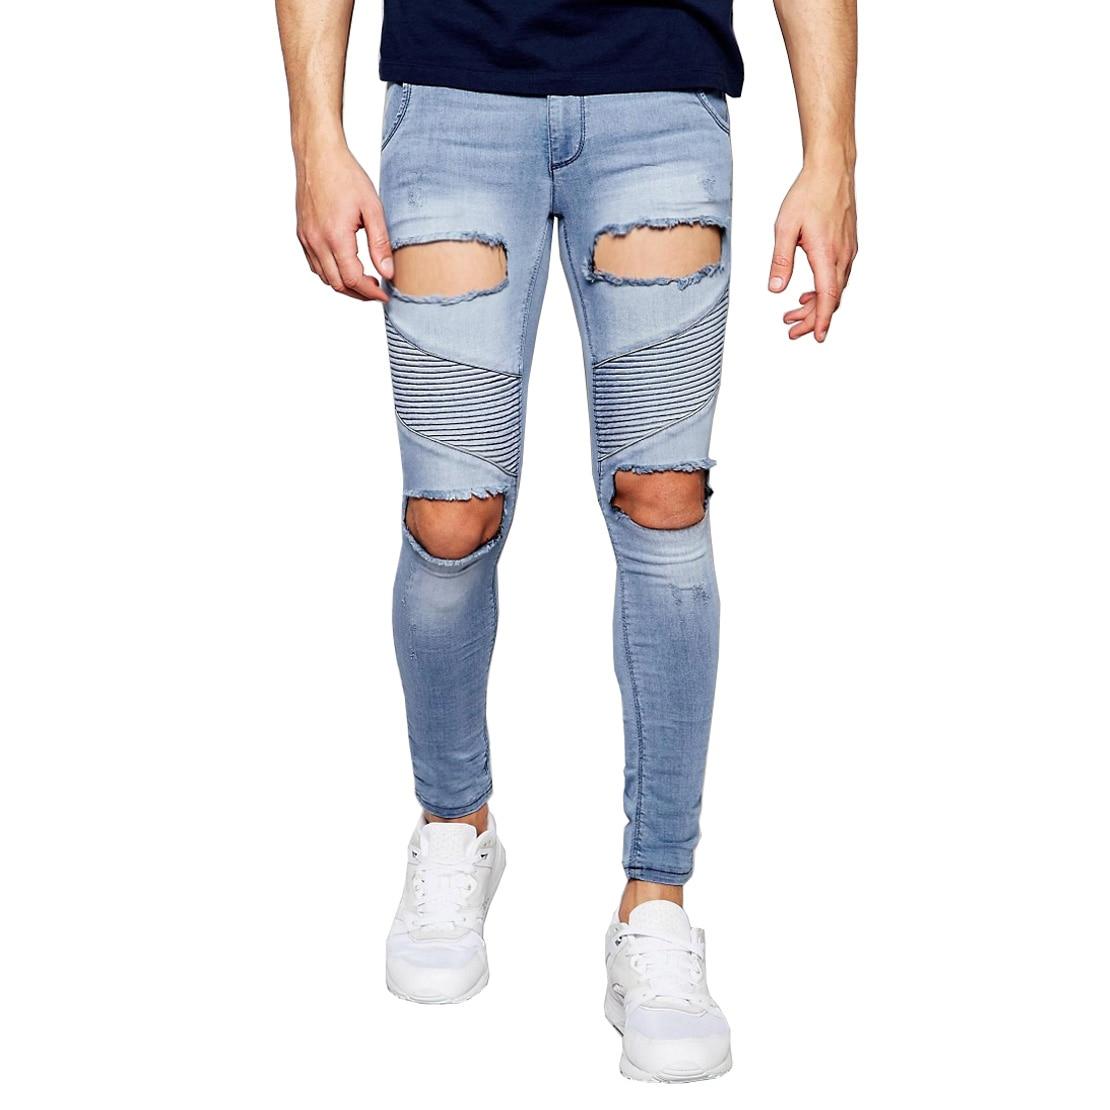 2017 Nouveau Hommes Jeans Extr Me D Chire Trou Hip Hop De Mode